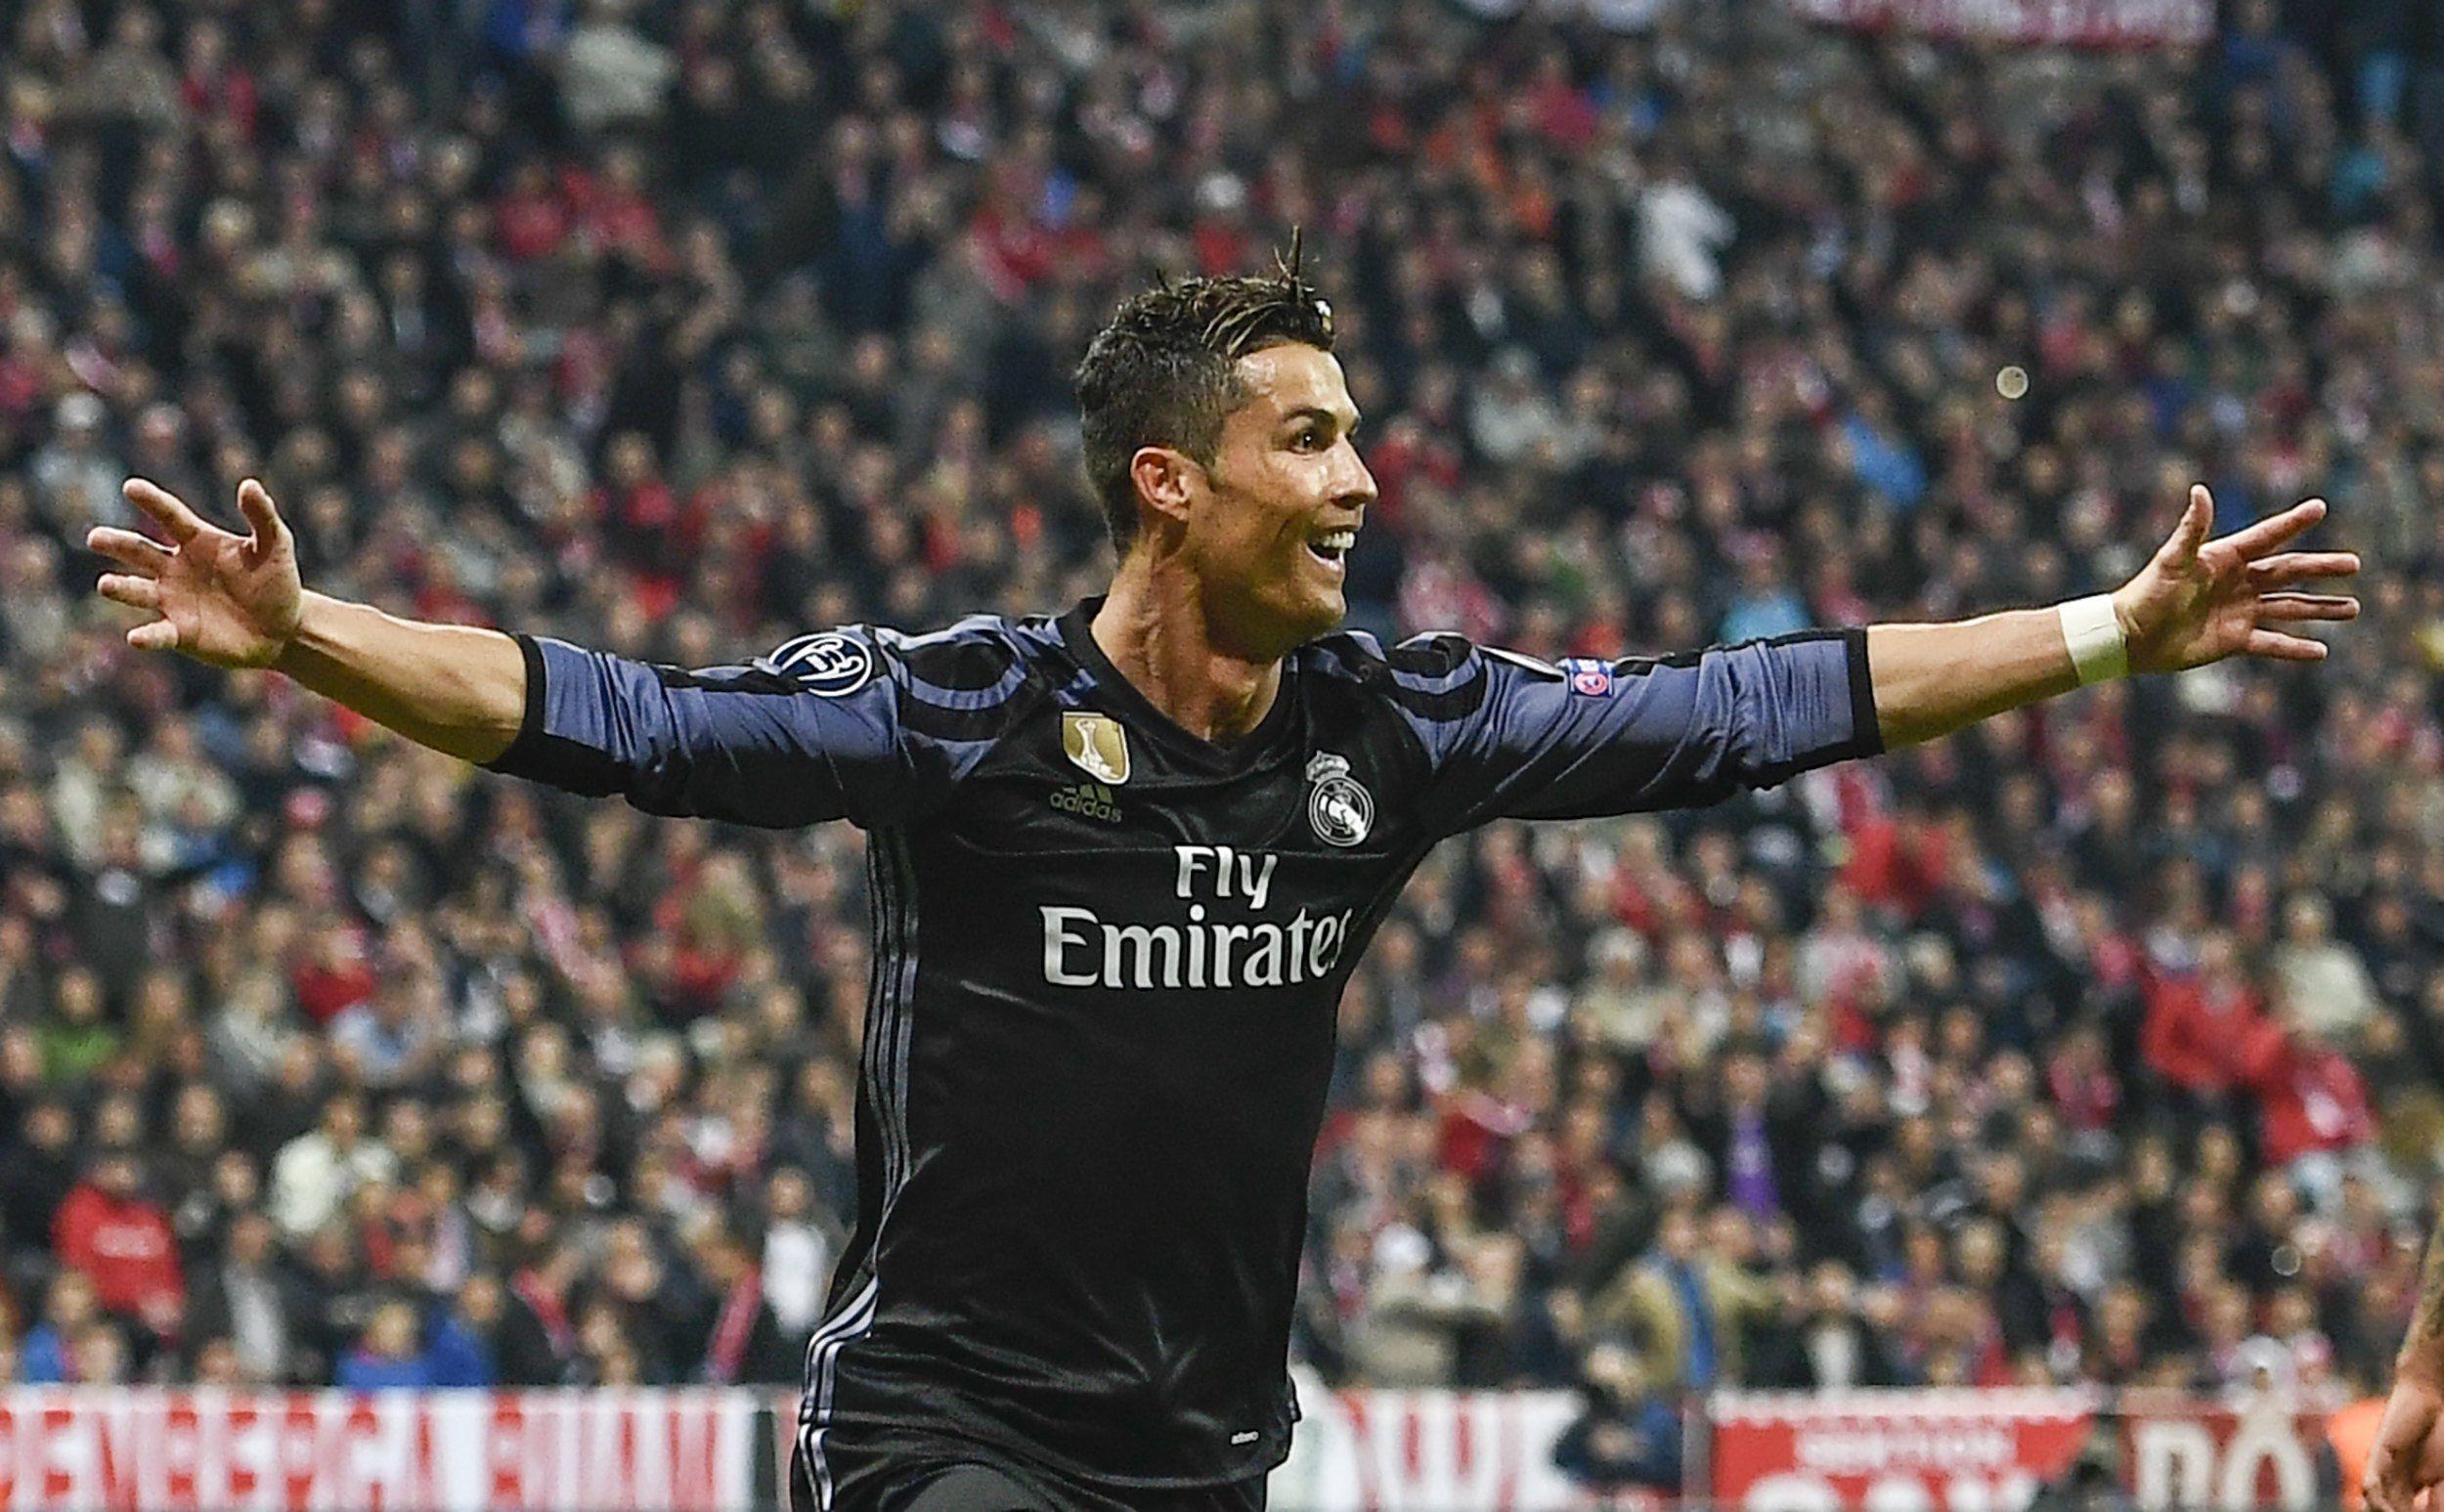 El festejo de Cristiano al llegar a los 100 goles